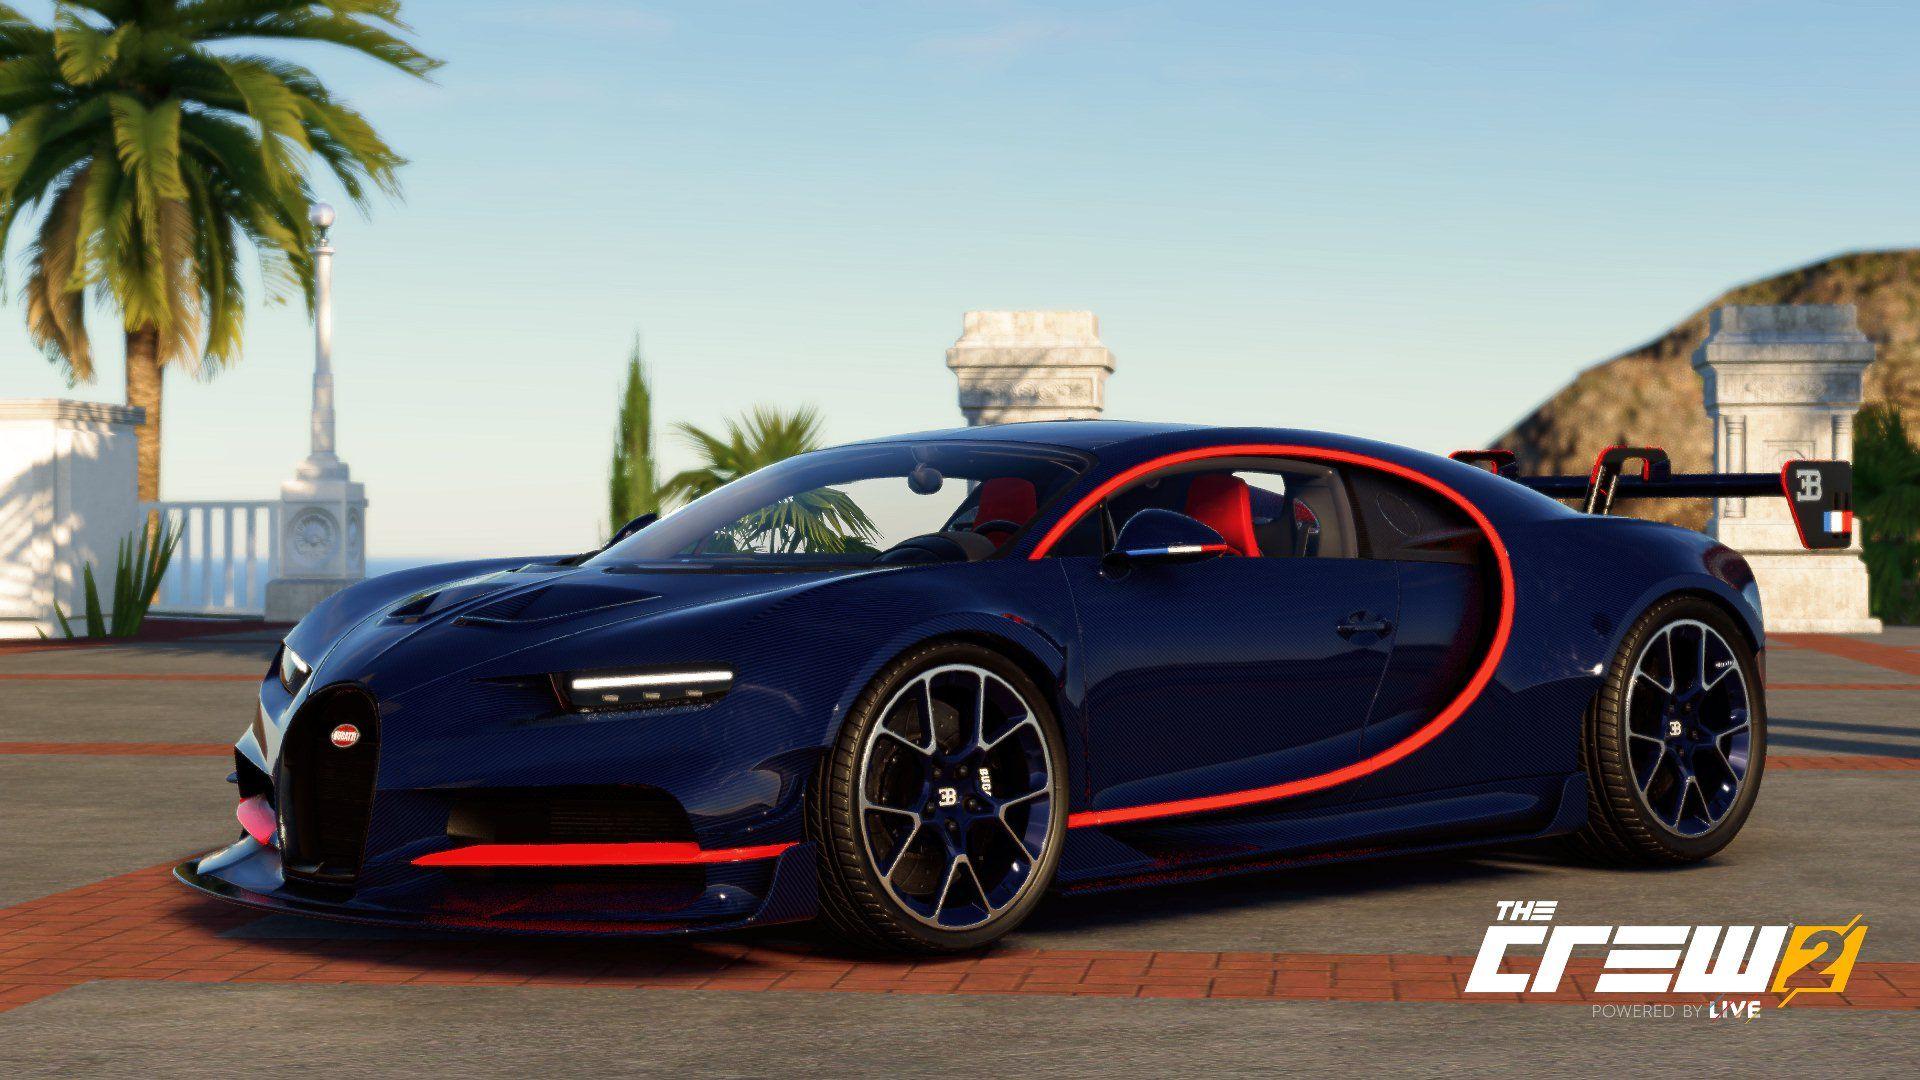 Bugatti Chiron Carbon Edition Tc2 Vs Bugatti Chiron Sport 110 Ans Bugatti Irl Forums